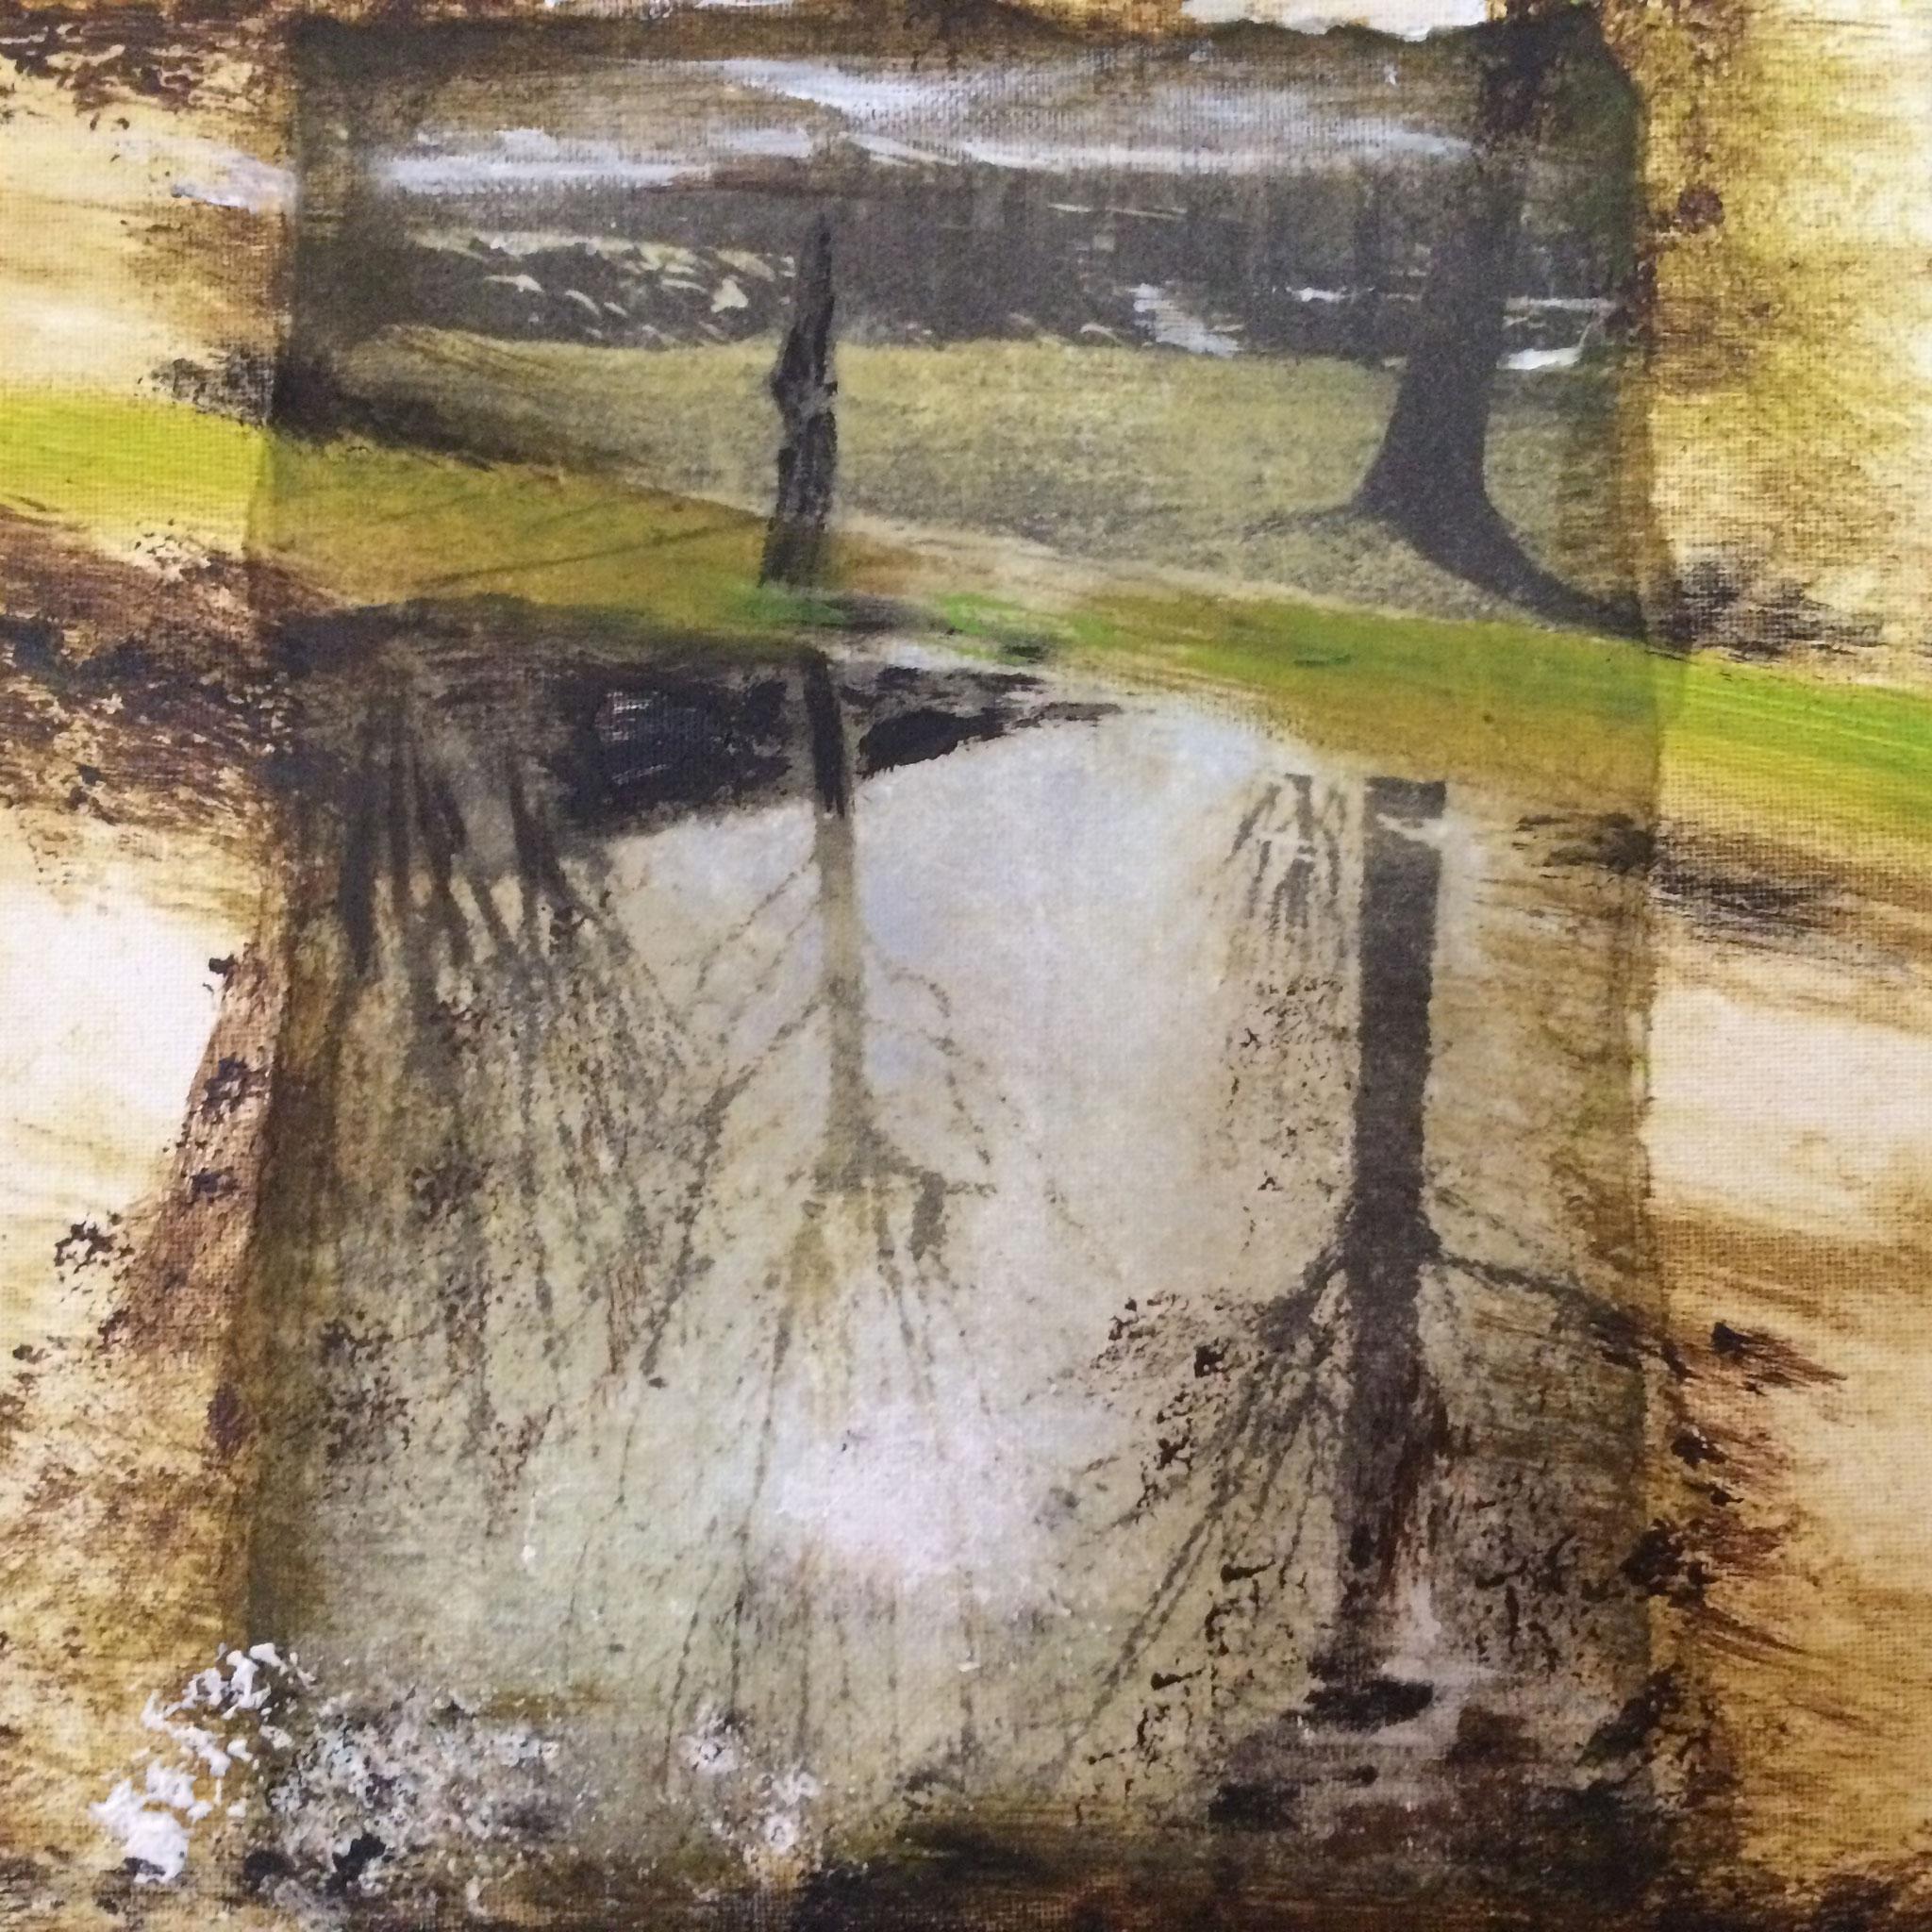 Spiegelung in Cannobio - Fotocollage, Acryl auf Leinwand, 2017, 20 x 20